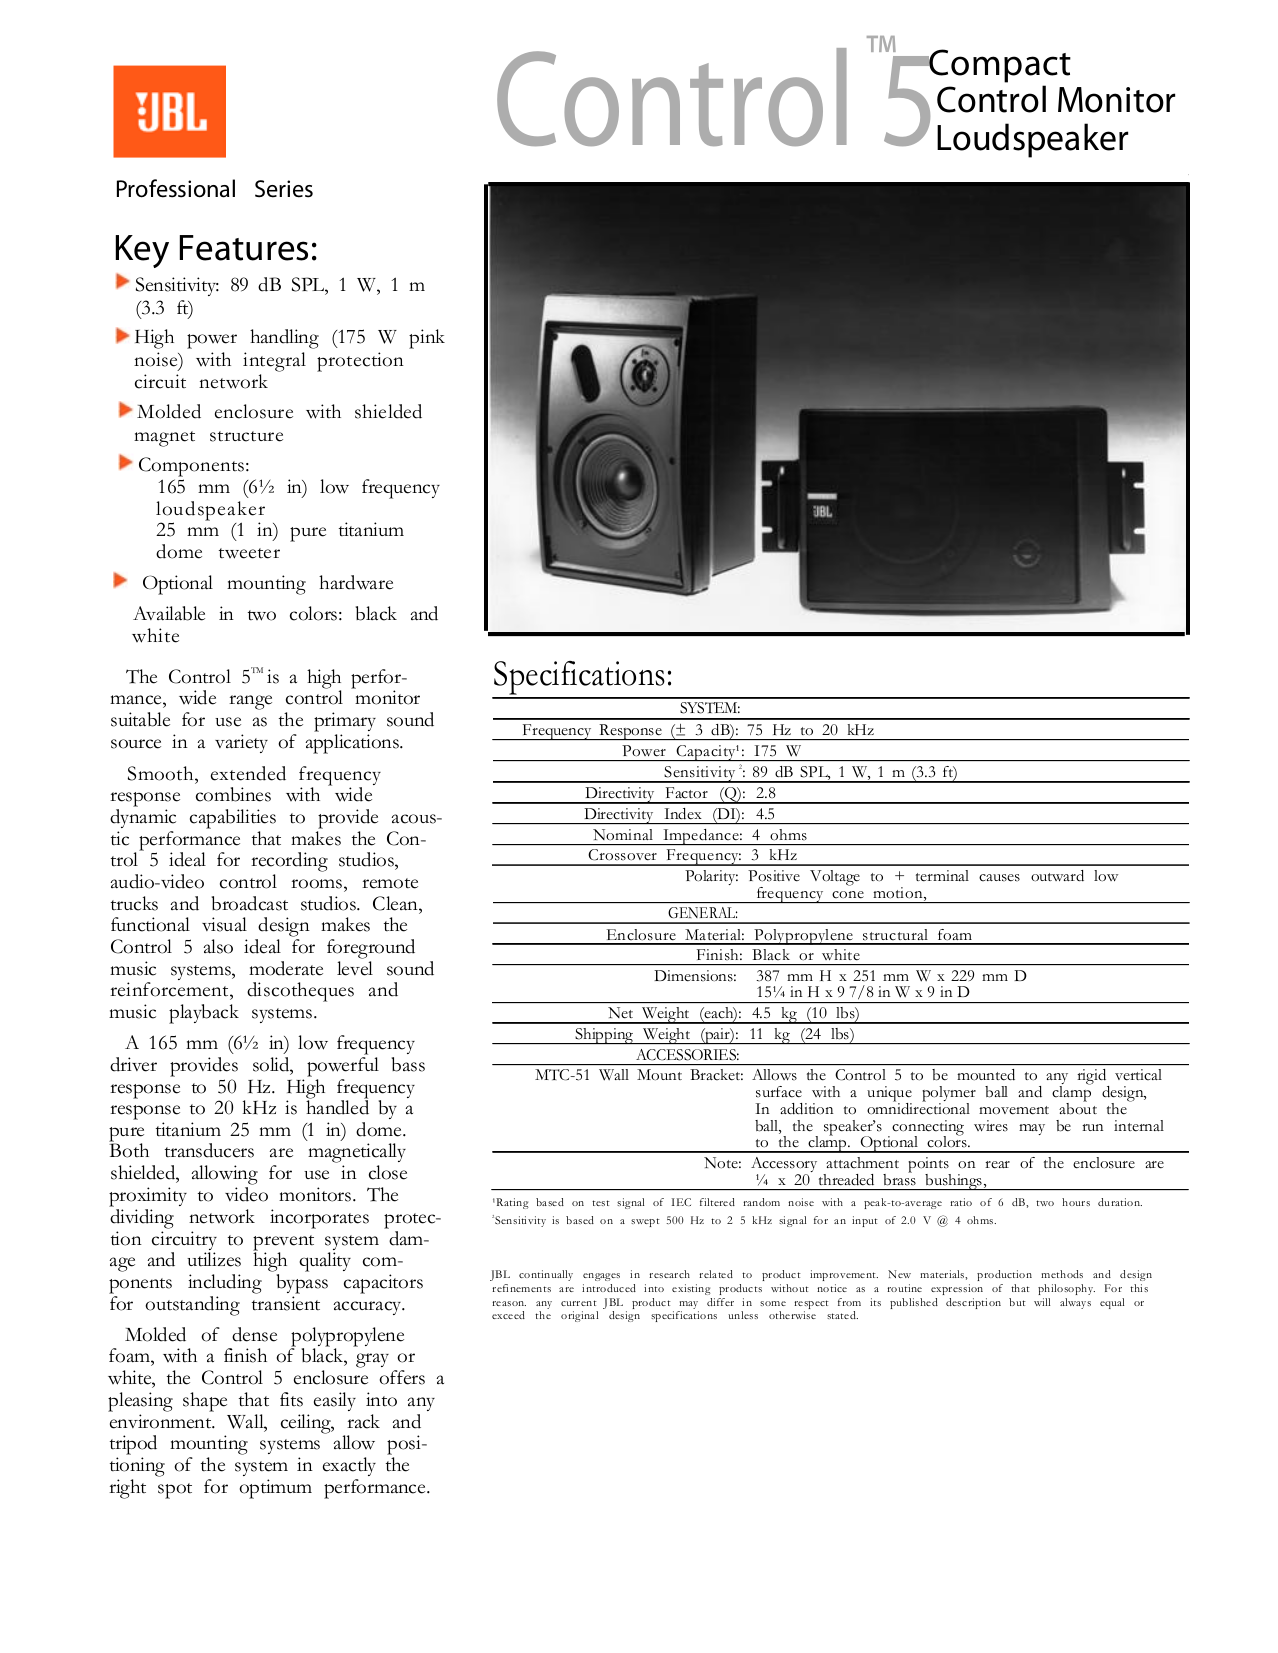 jbl product manual free owners manual u2022 rh wordworksbysea com JBL ProSupport People Using JBL Products